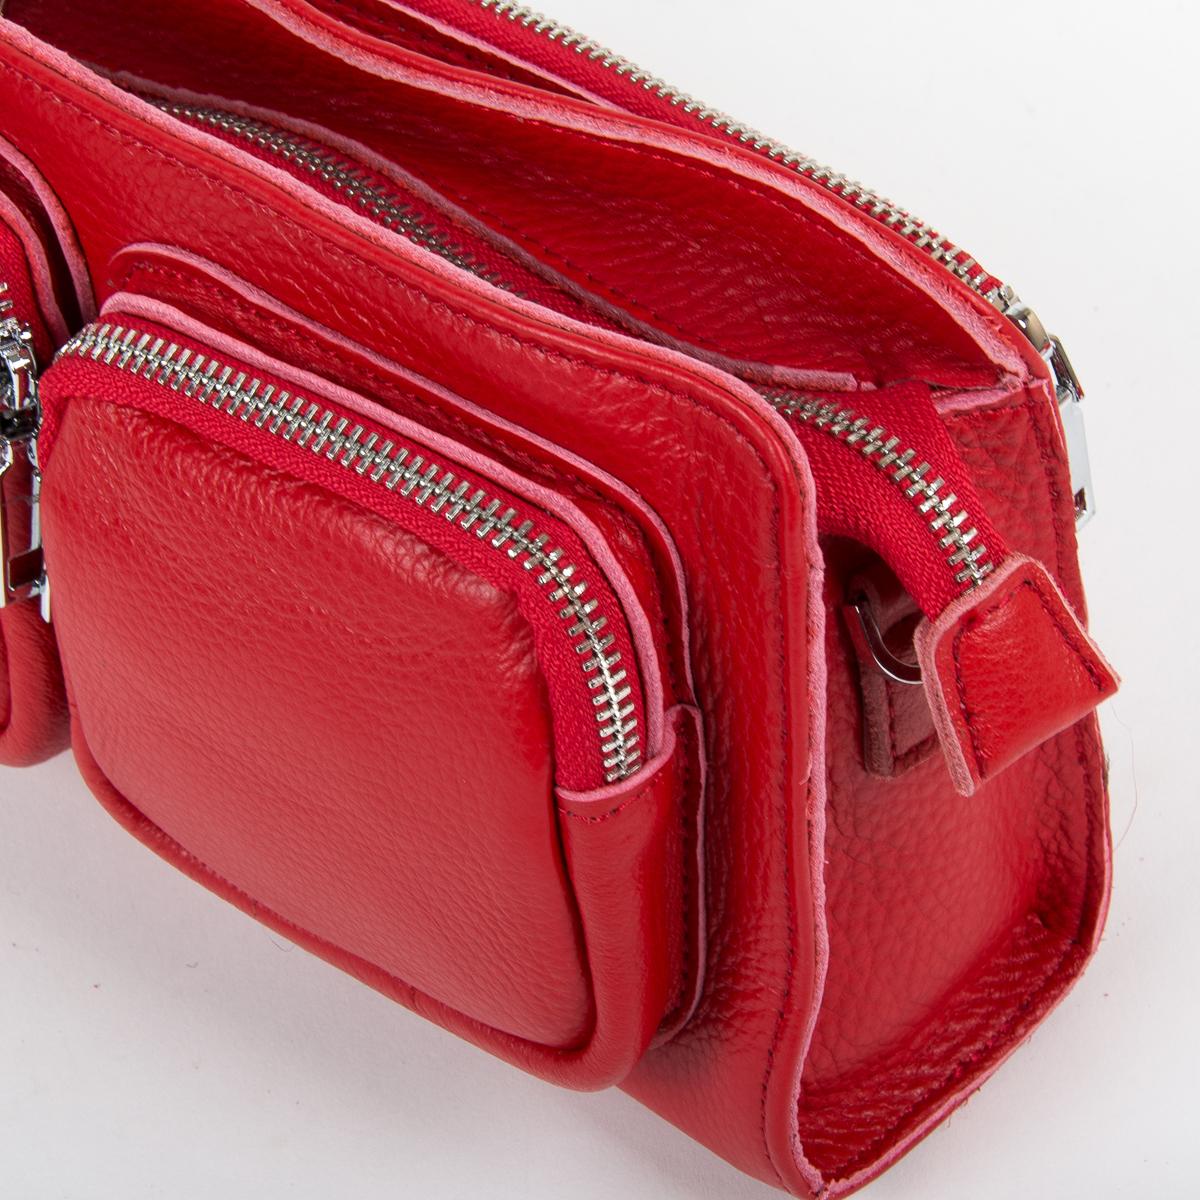 Сумка Женская Клатч кожа ALEX RAI 9-01 8785-9 red - фото 3